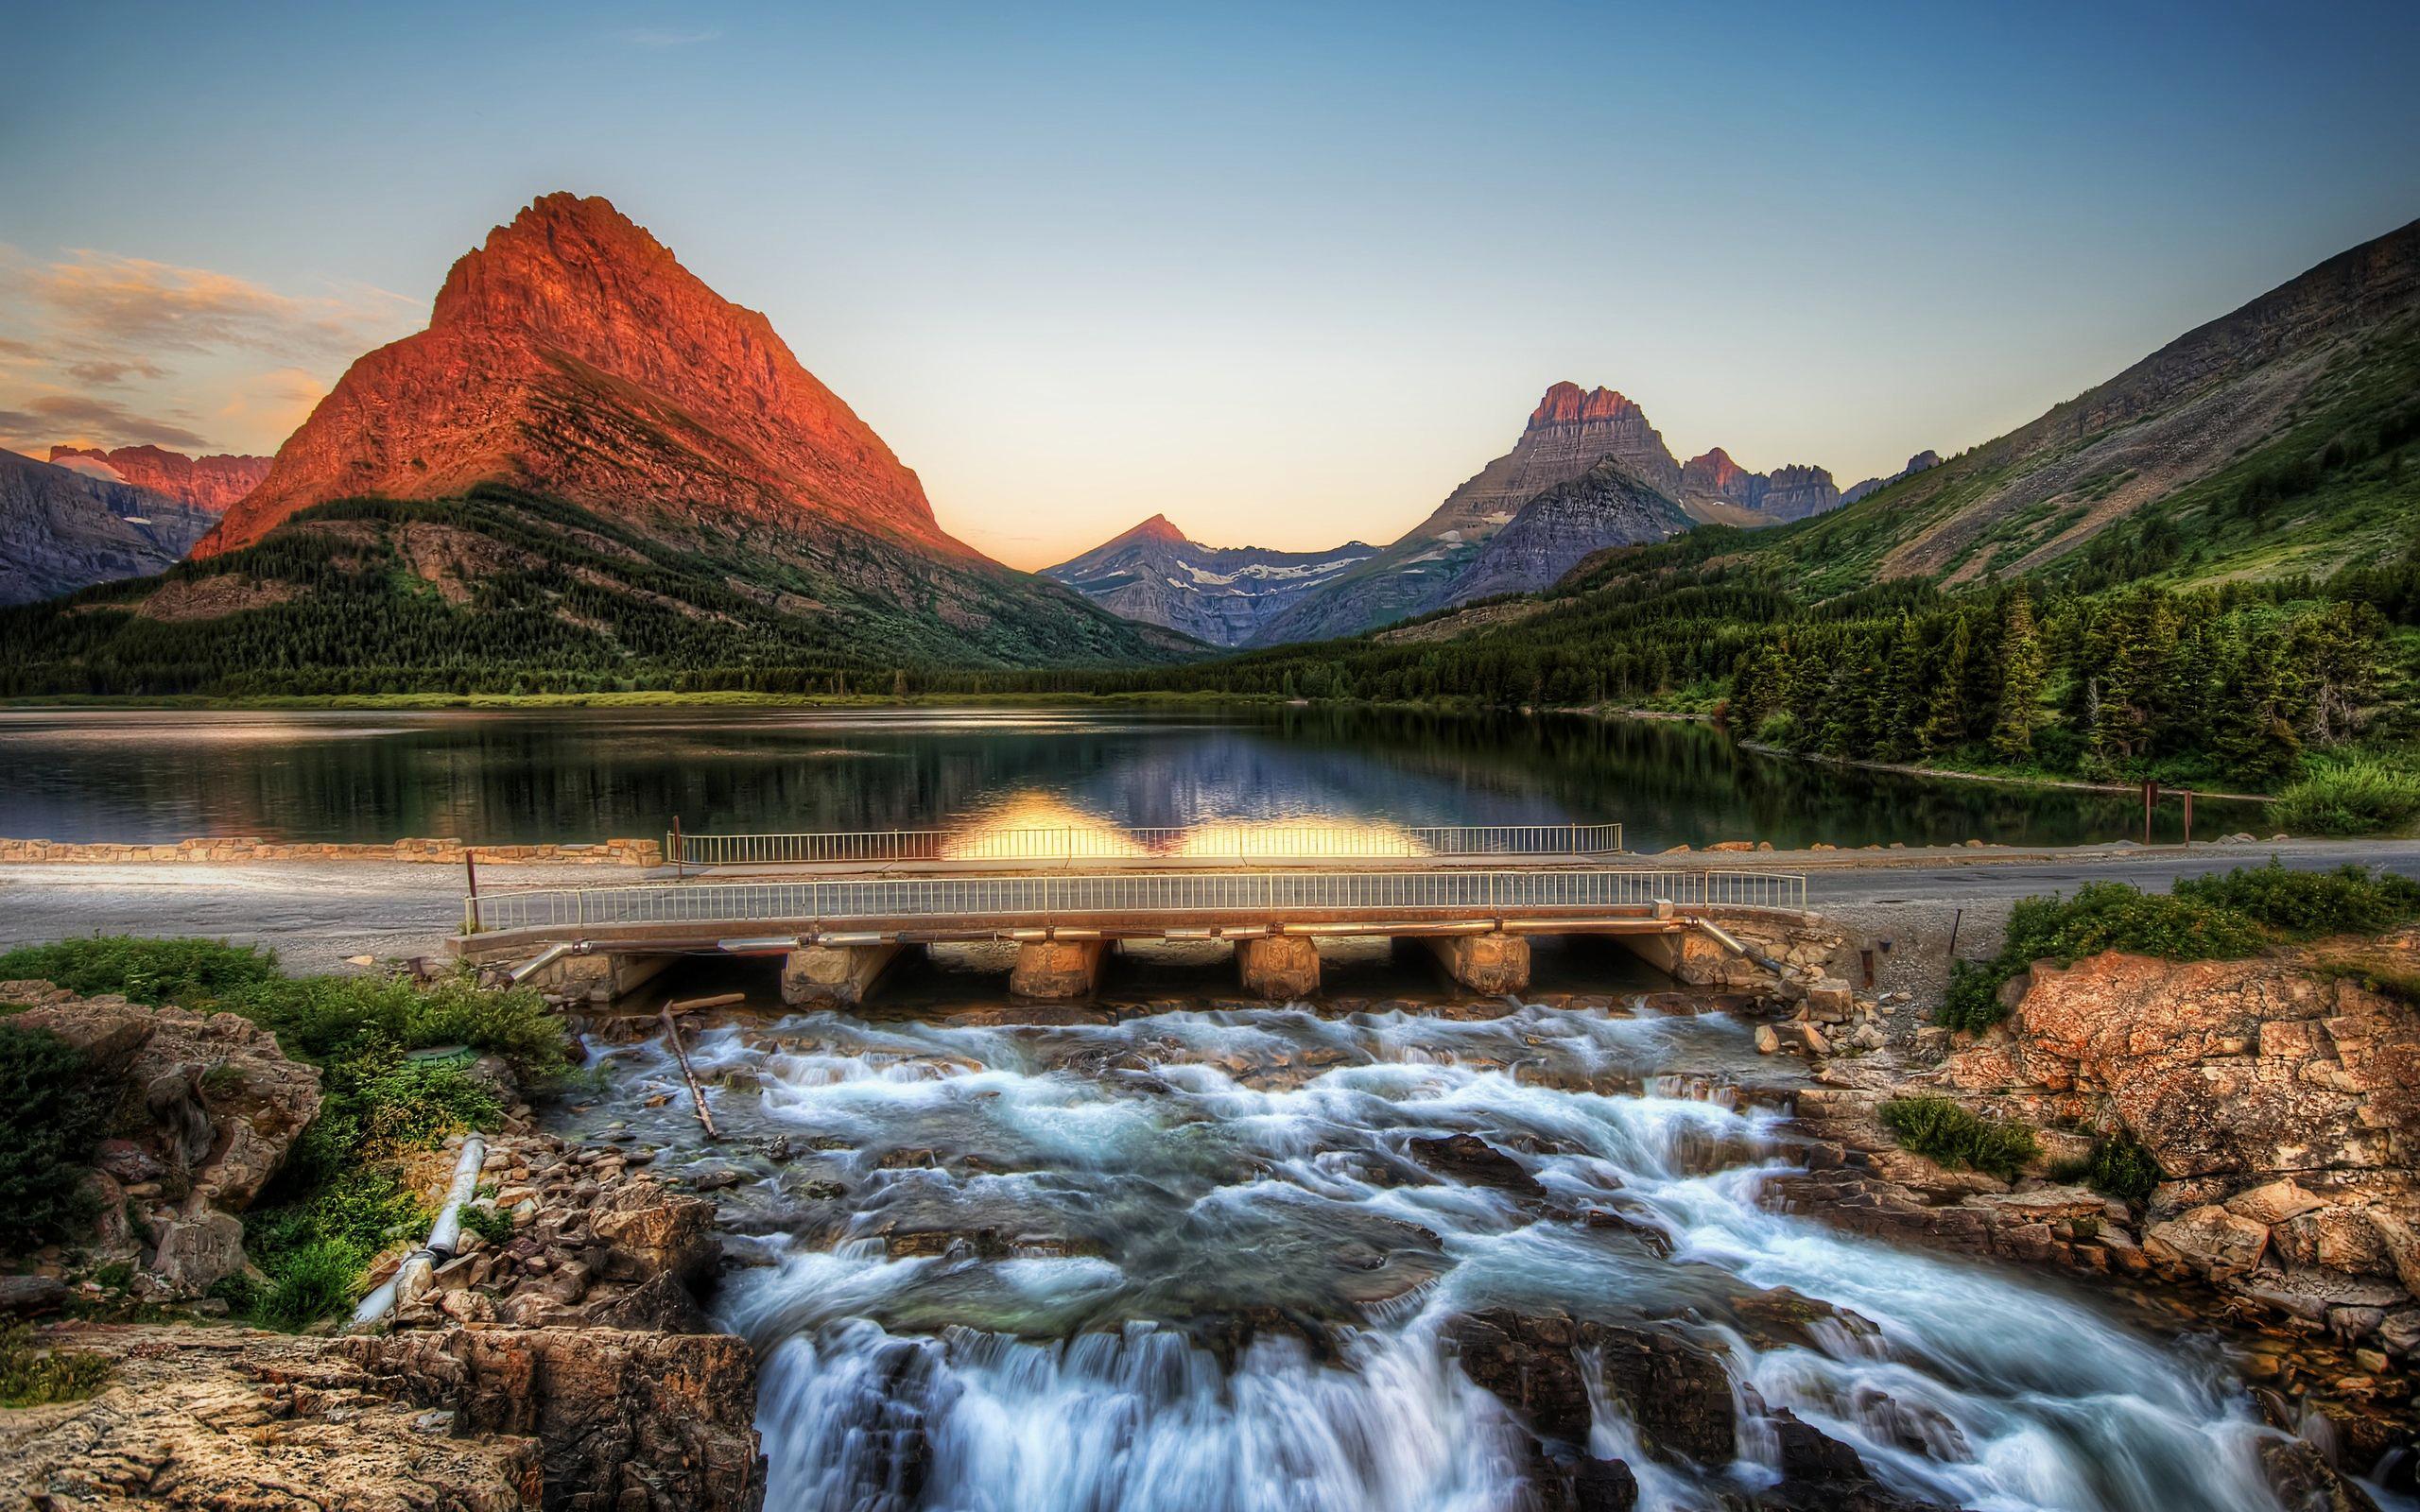 лучшие пейзажи мира фото в высоком качестве рассчитываются